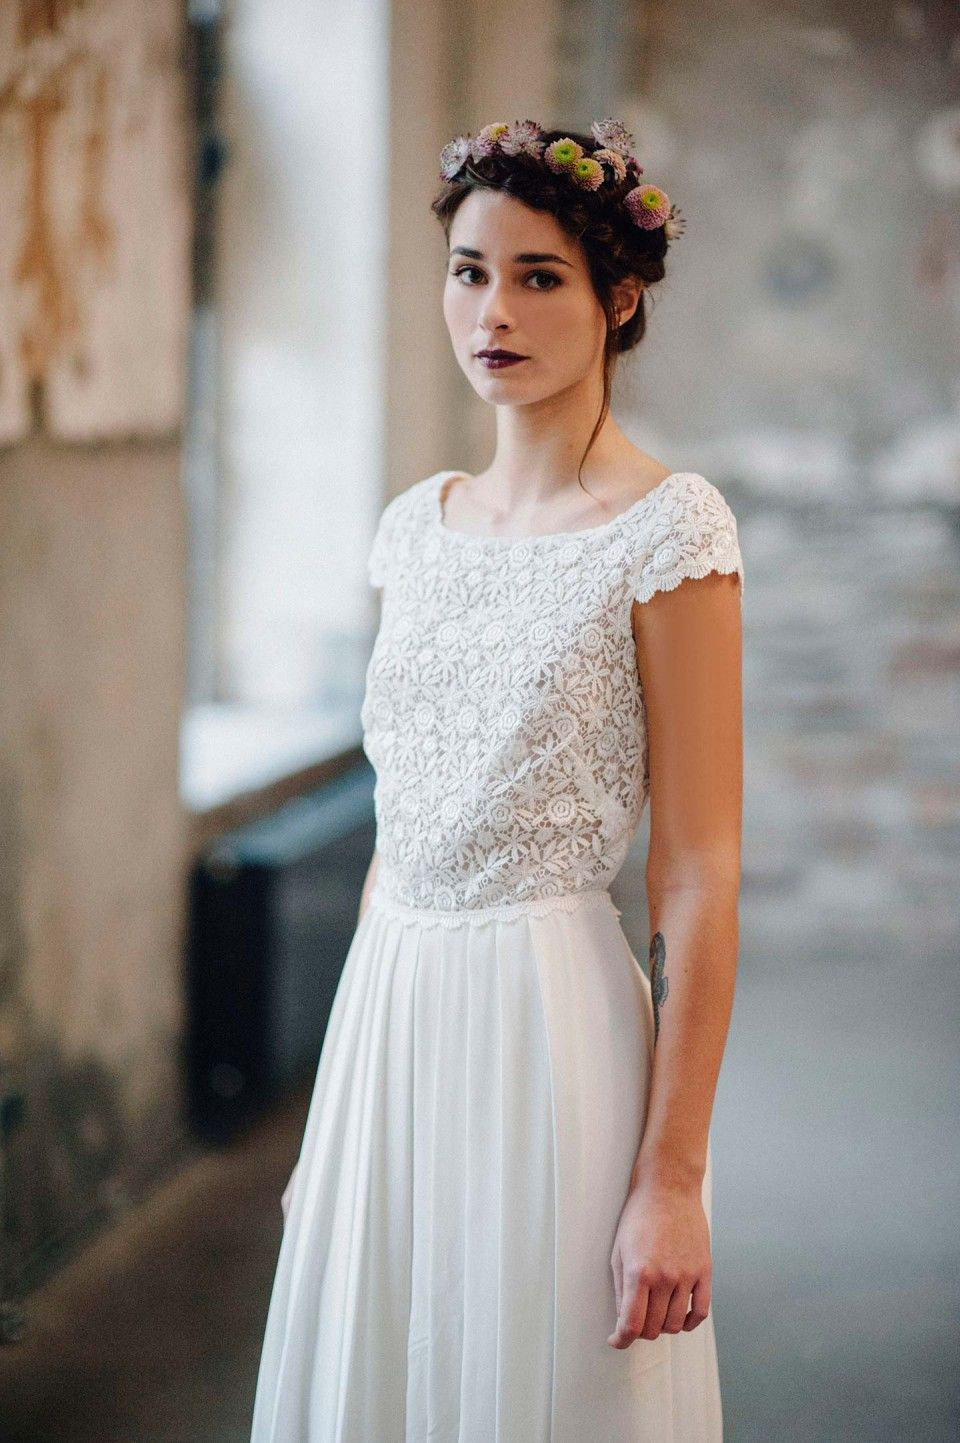 Traumhaft leichte Brautkleider von Victoria Rüsche | Pinterest ...